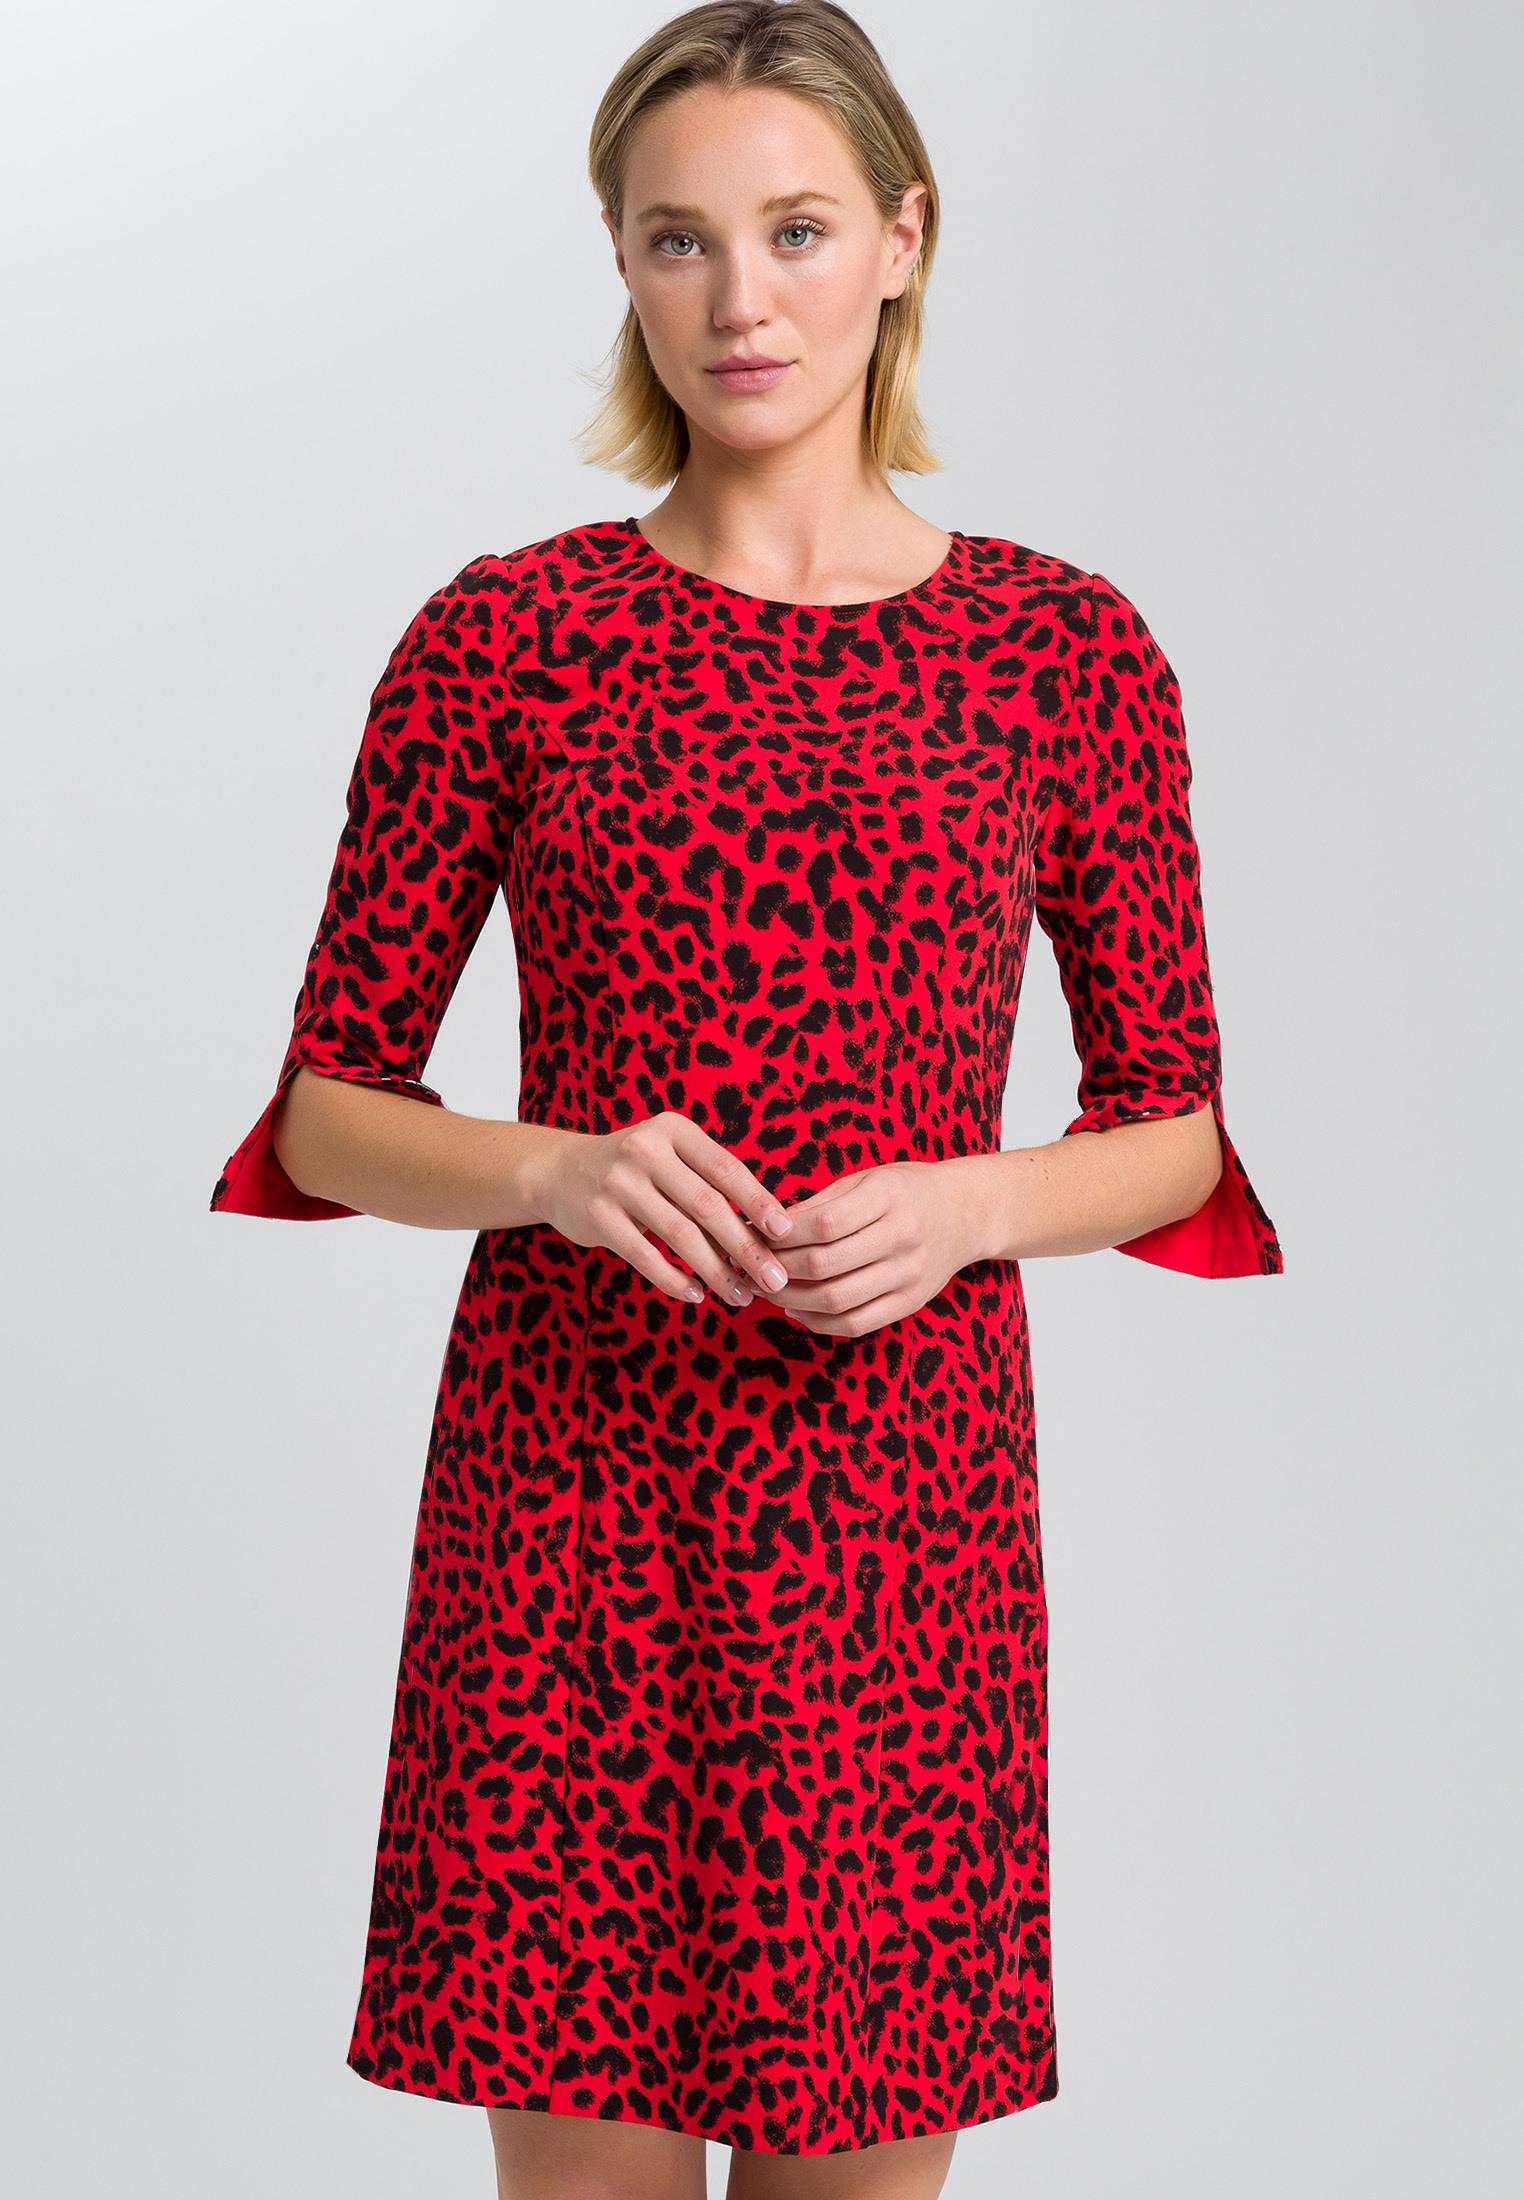 Kleid Mit Leopardendruck  Kleider  Röcke  Sale